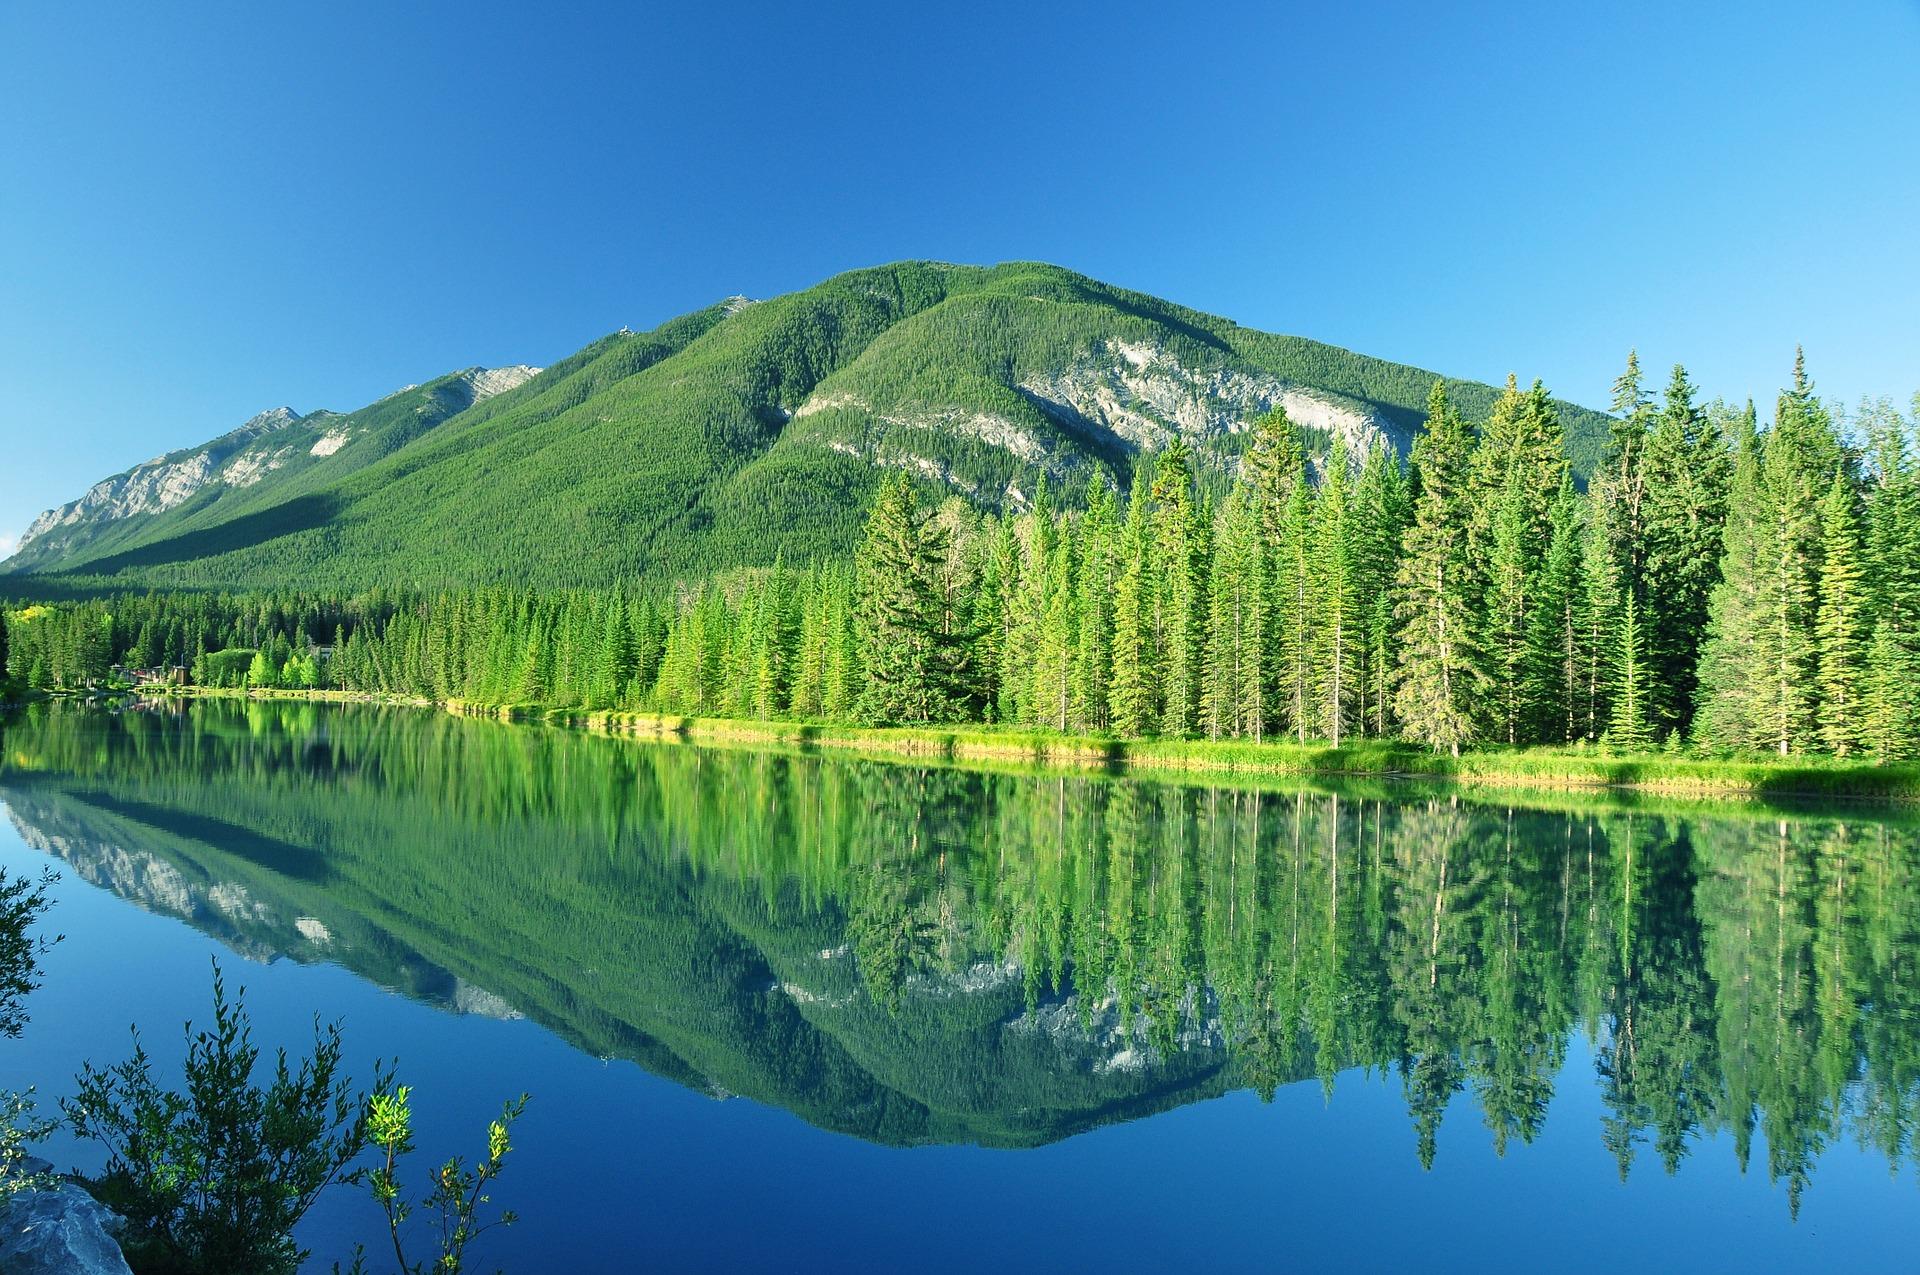 Travailler autrement au Canada-La réserve naturelle de Banff en Alberta